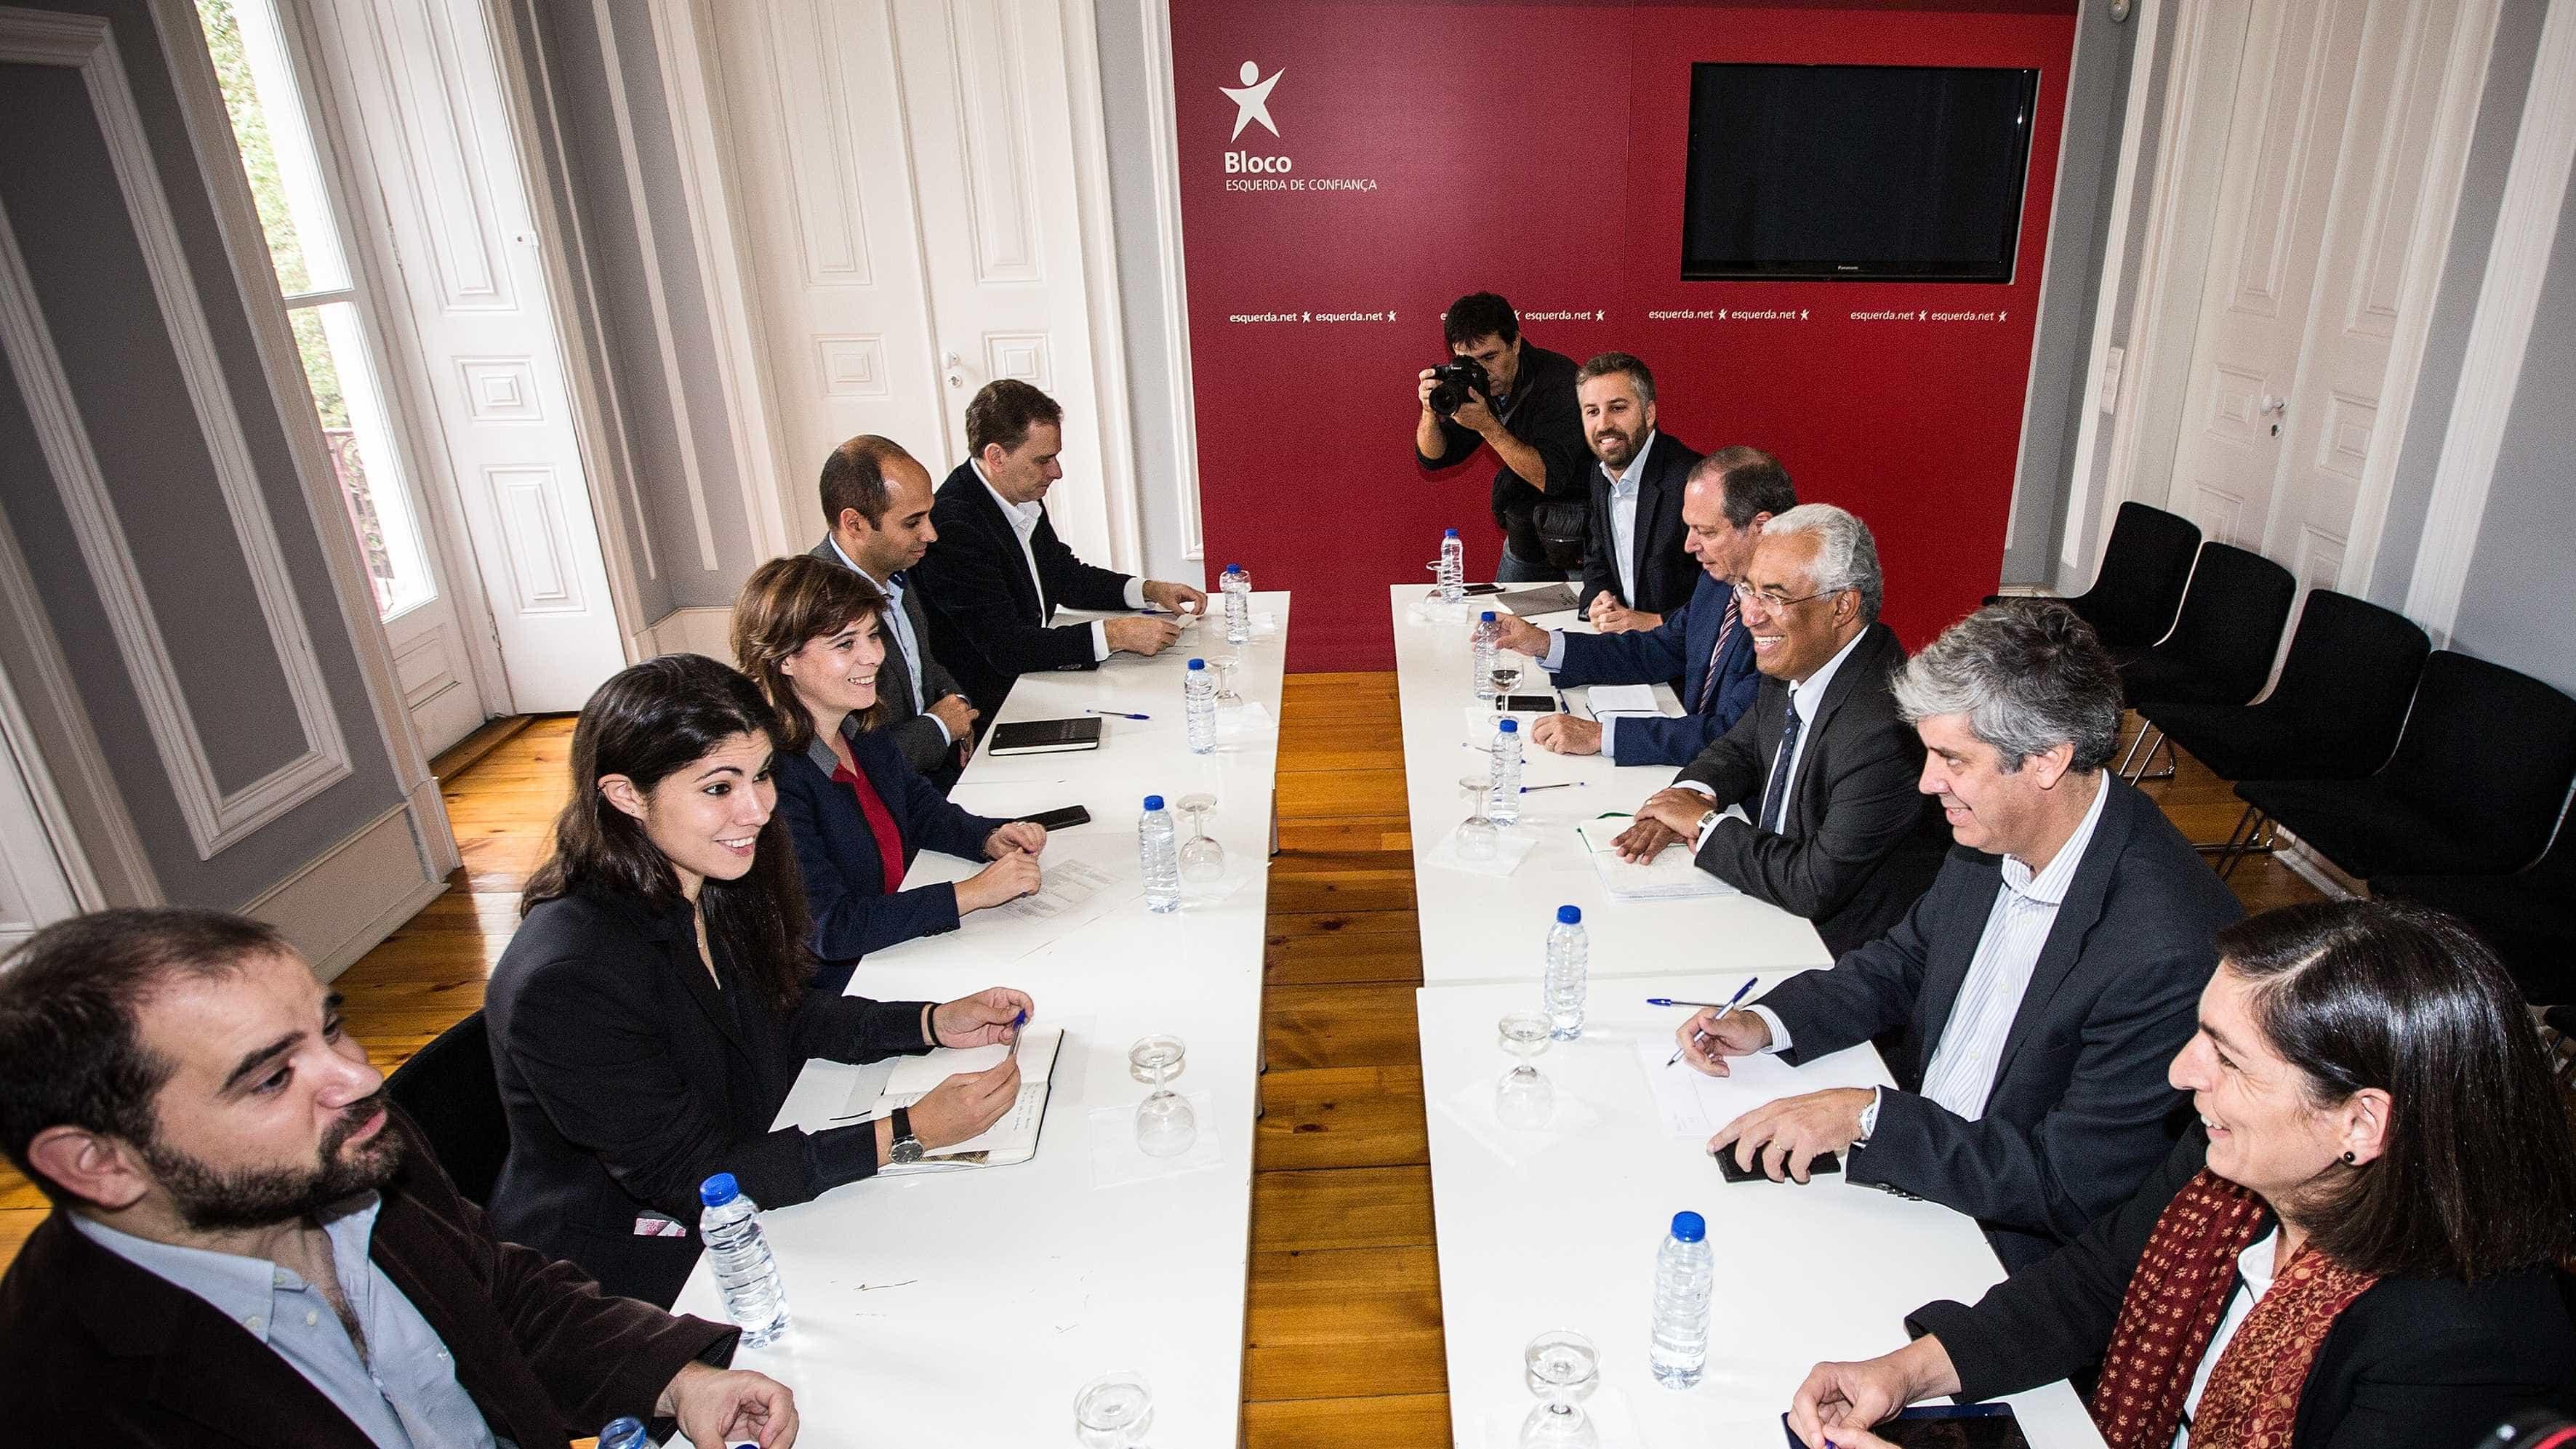 Bloco e Governo fecham acordo sobre longas carreiras contributivas